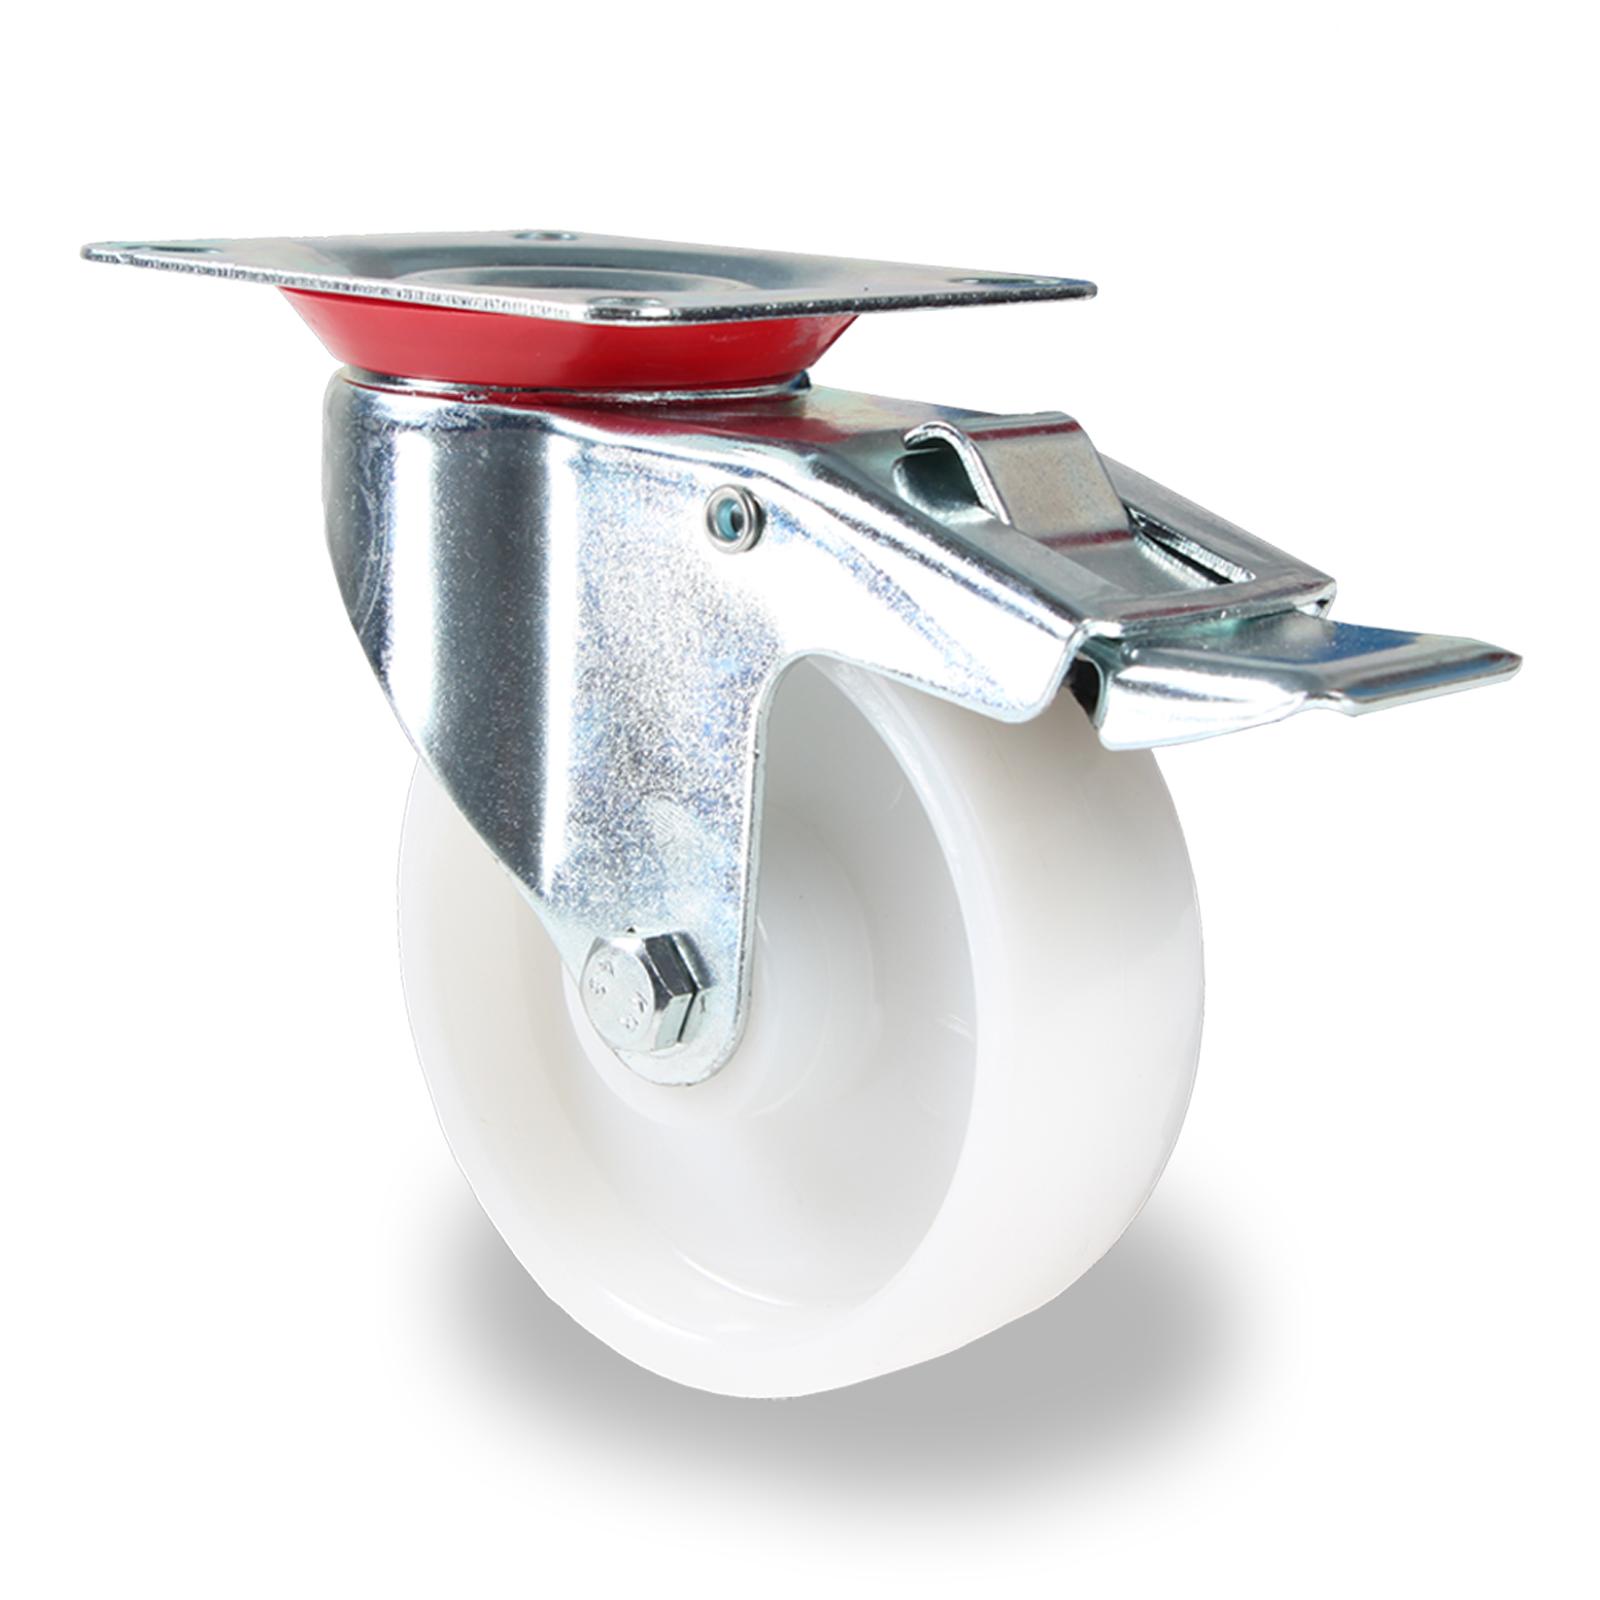 transportrollen lenkrollen mit bremse kunststoff weiss pp 75 100 125 mm rolle ebay. Black Bedroom Furniture Sets. Home Design Ideas